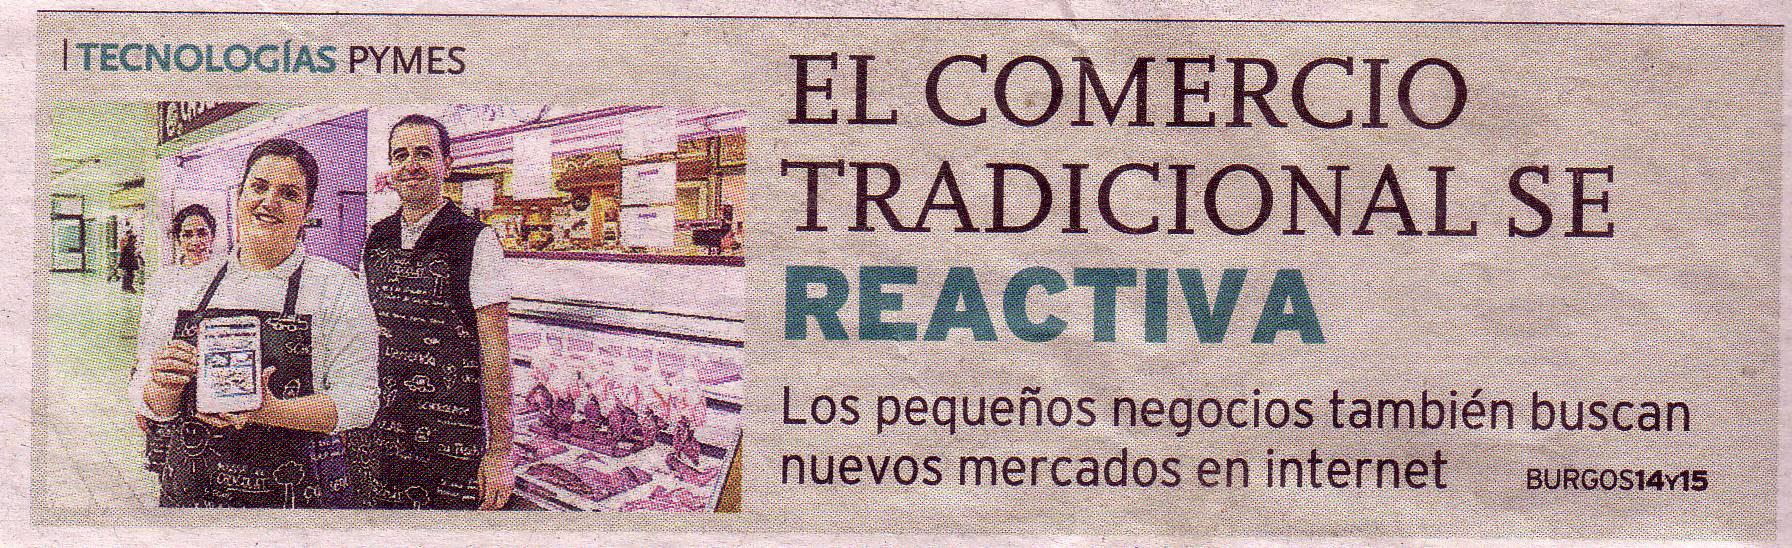 Casquería Lope Alonso, Diario de Burgos 3-05-2016 (4)